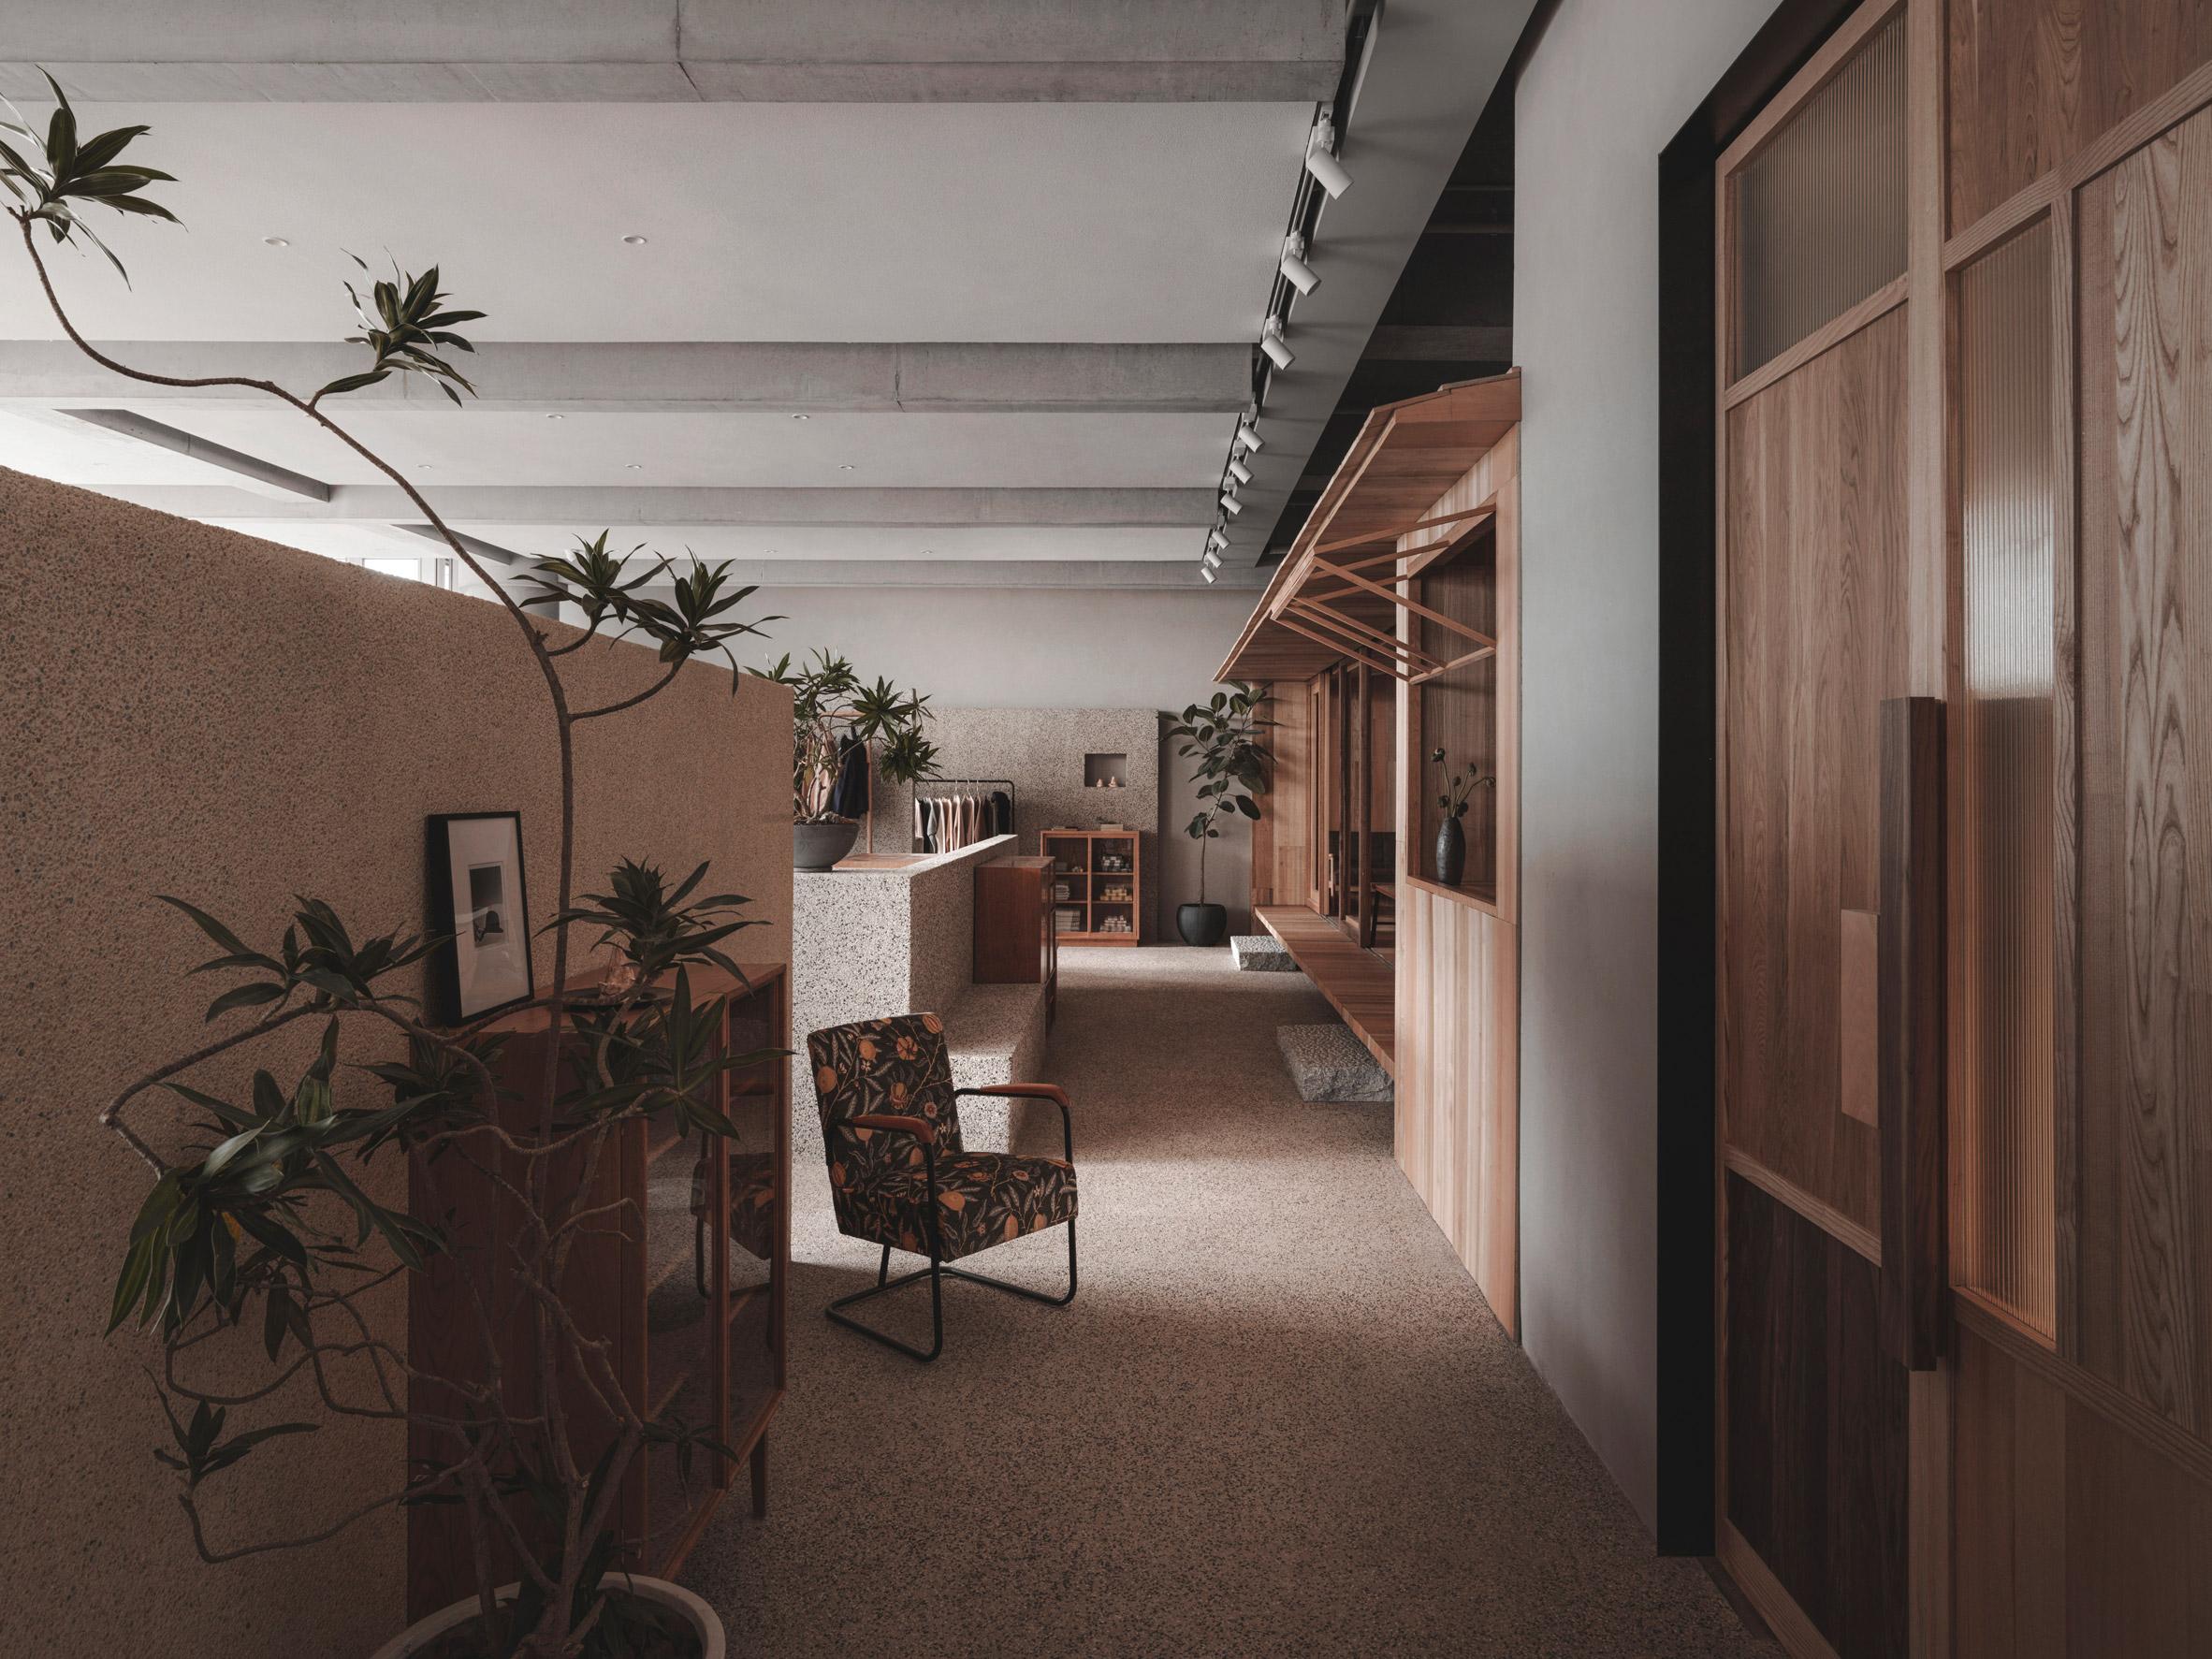 Store interior by BLUE Architecture Studio